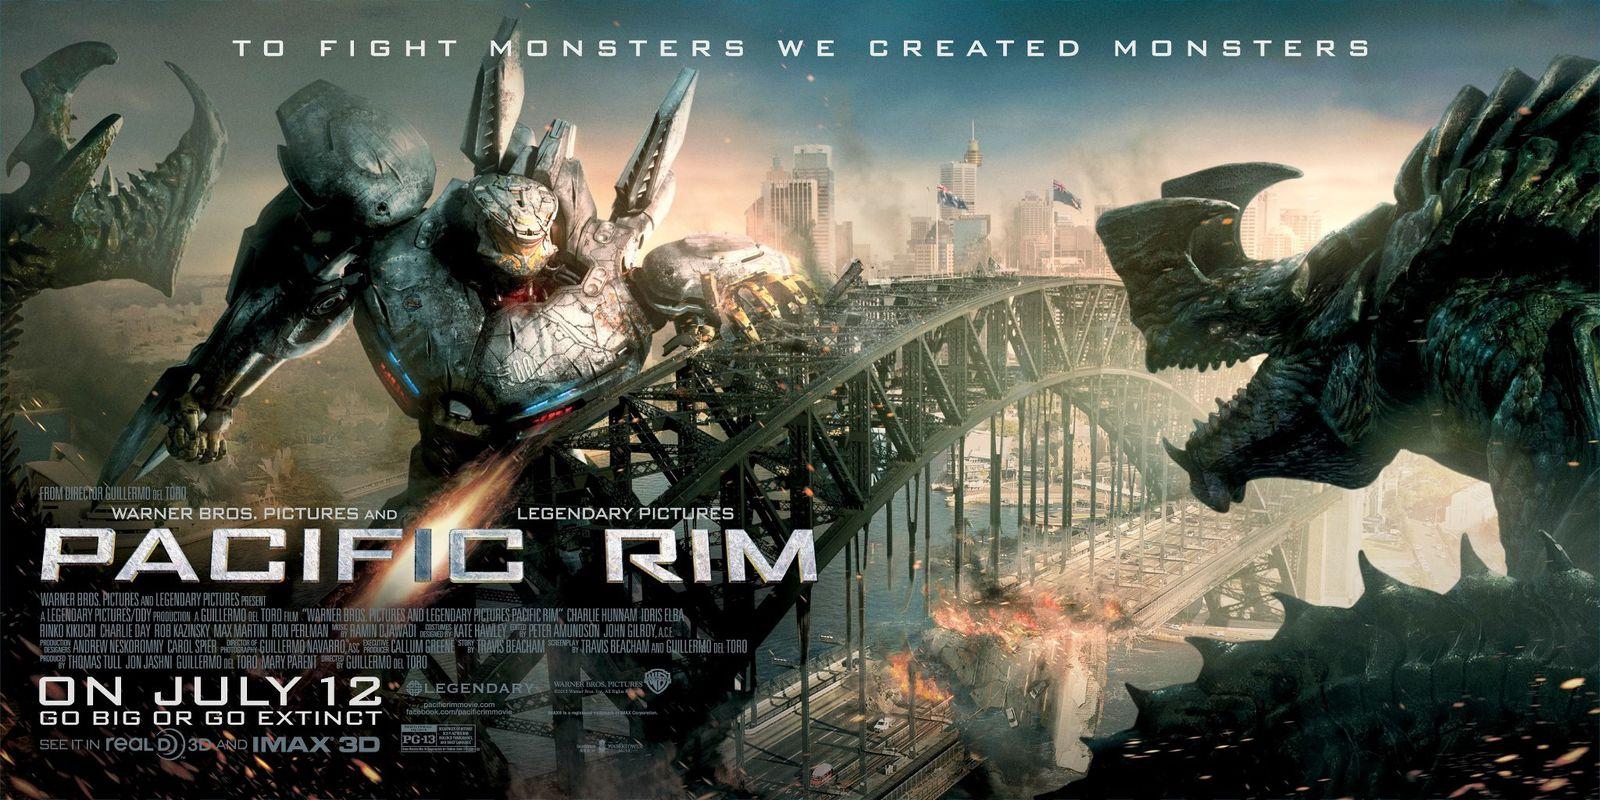 PACIFIC RIM de Guillermo Del Toro [critique]